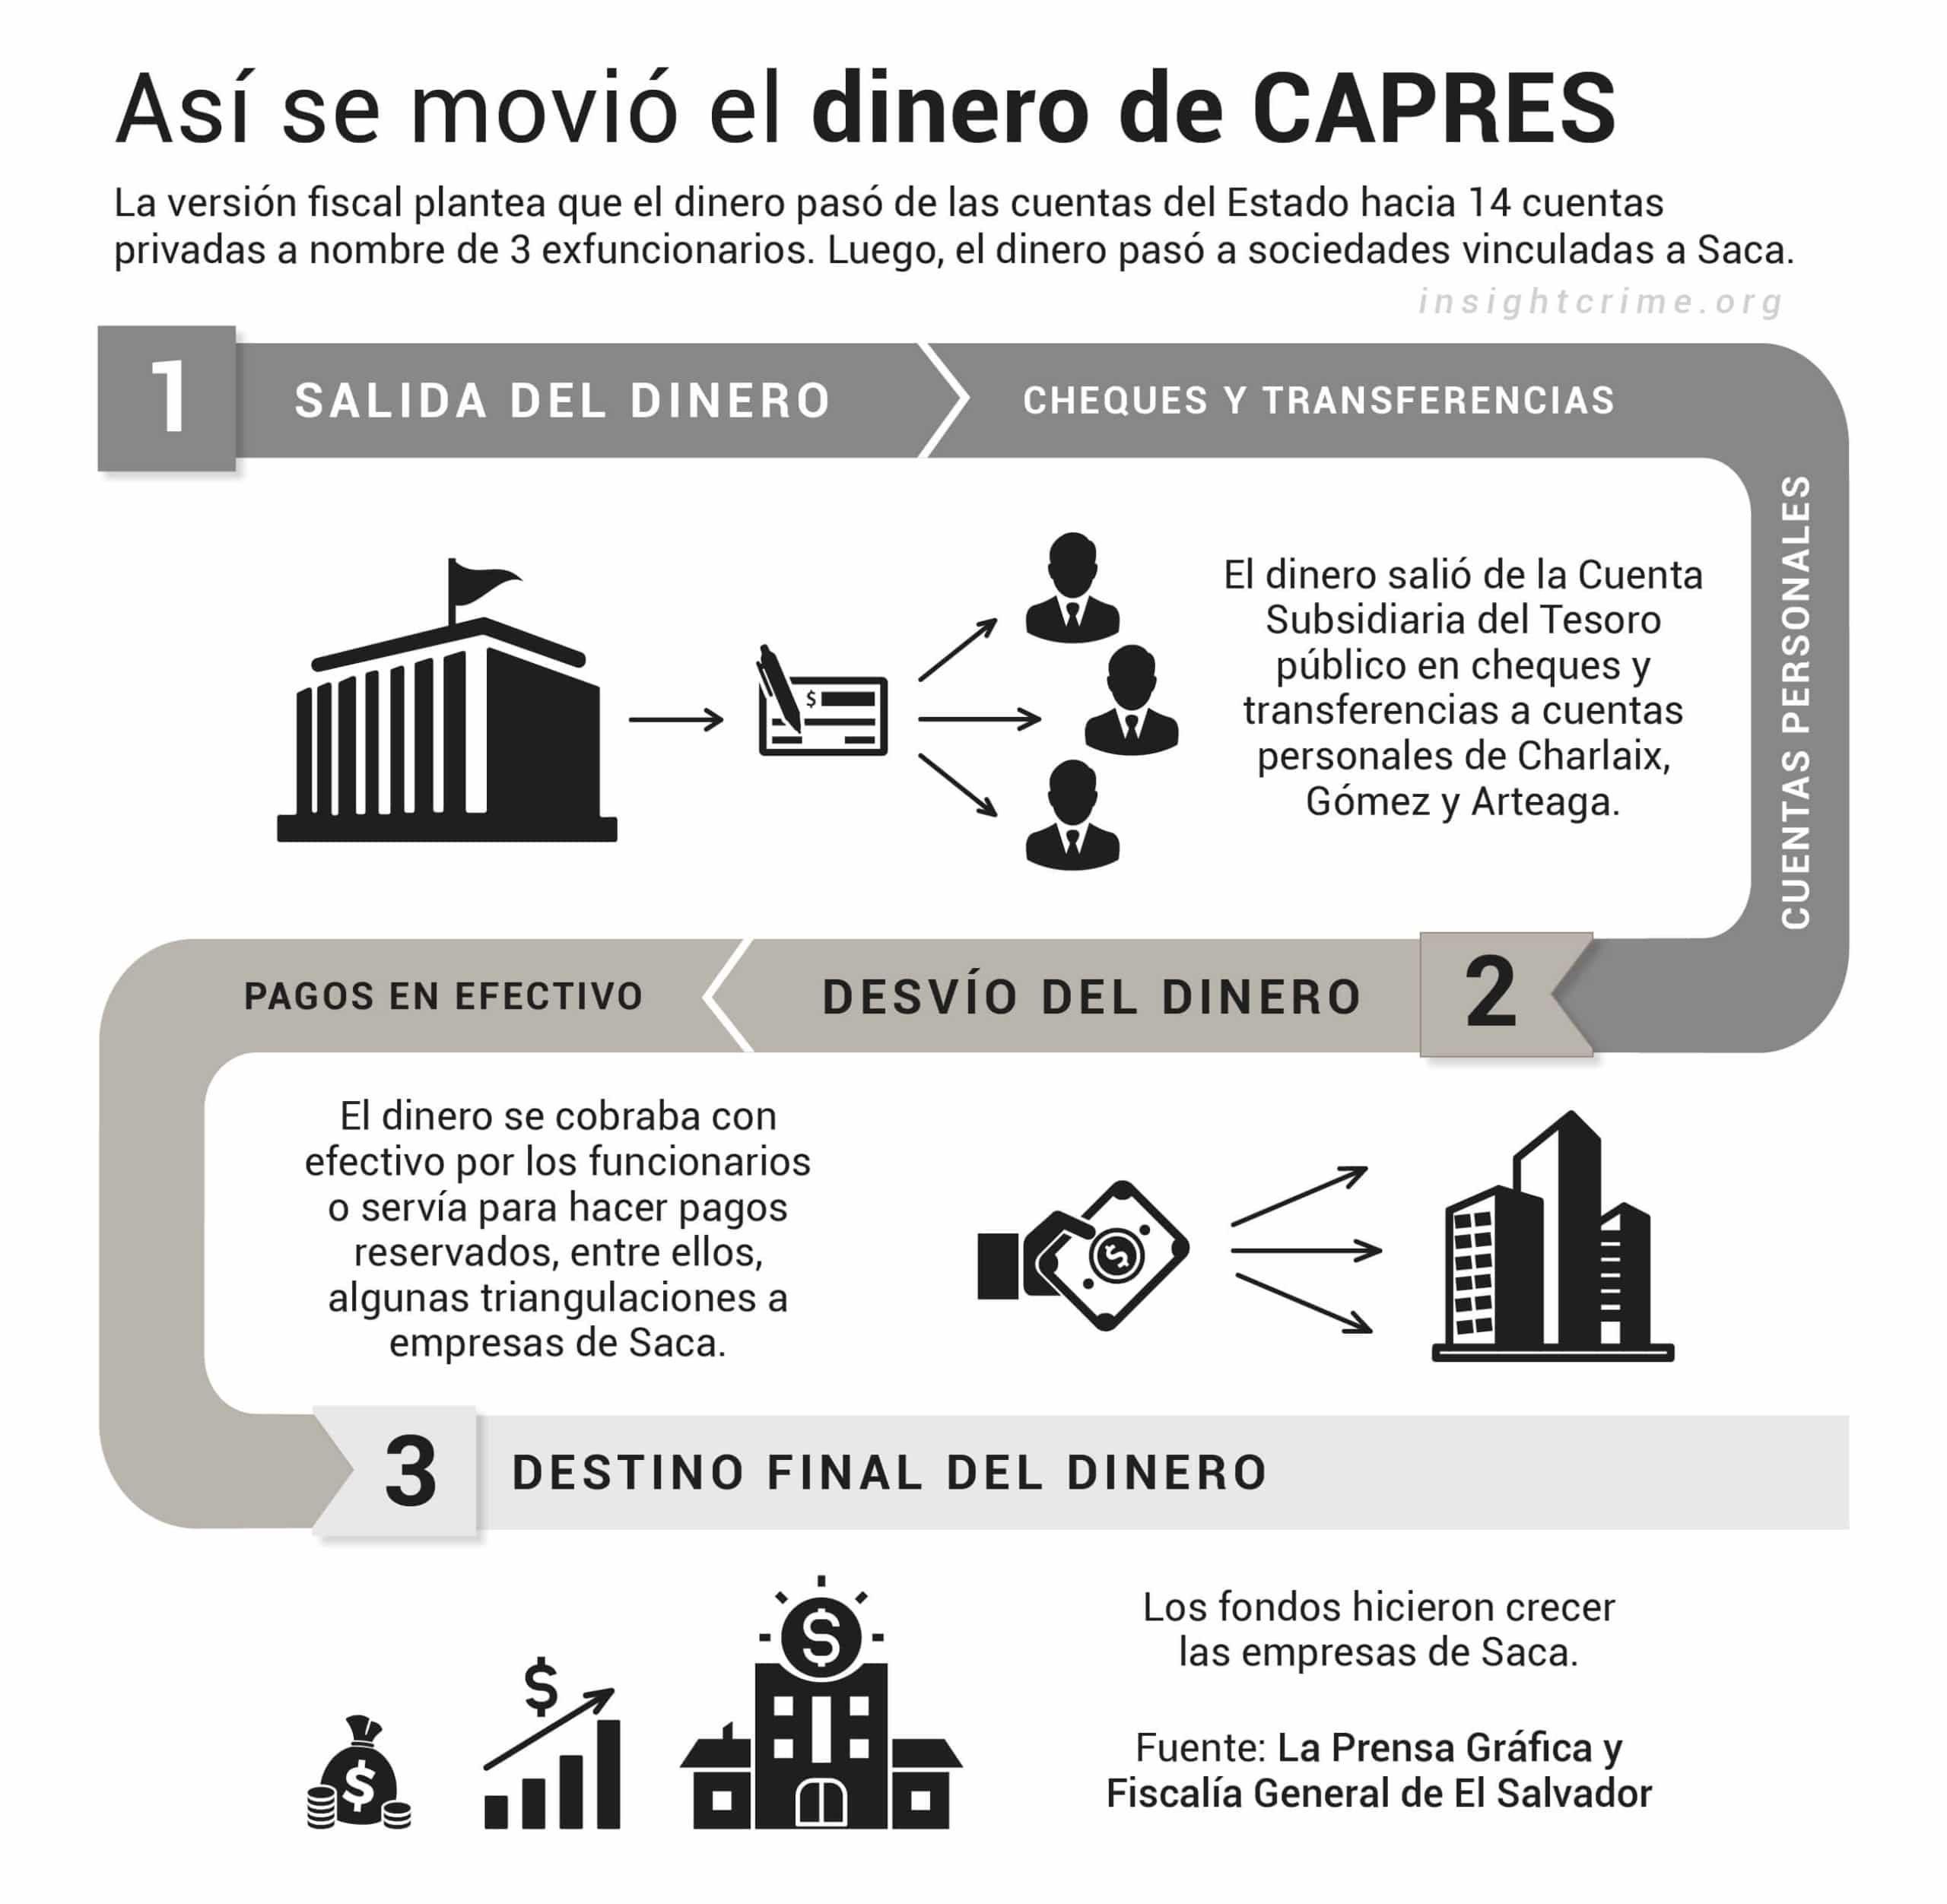 Cómo el expresidente Antonio Saca de El Salvador robó US$300 millones del erario público